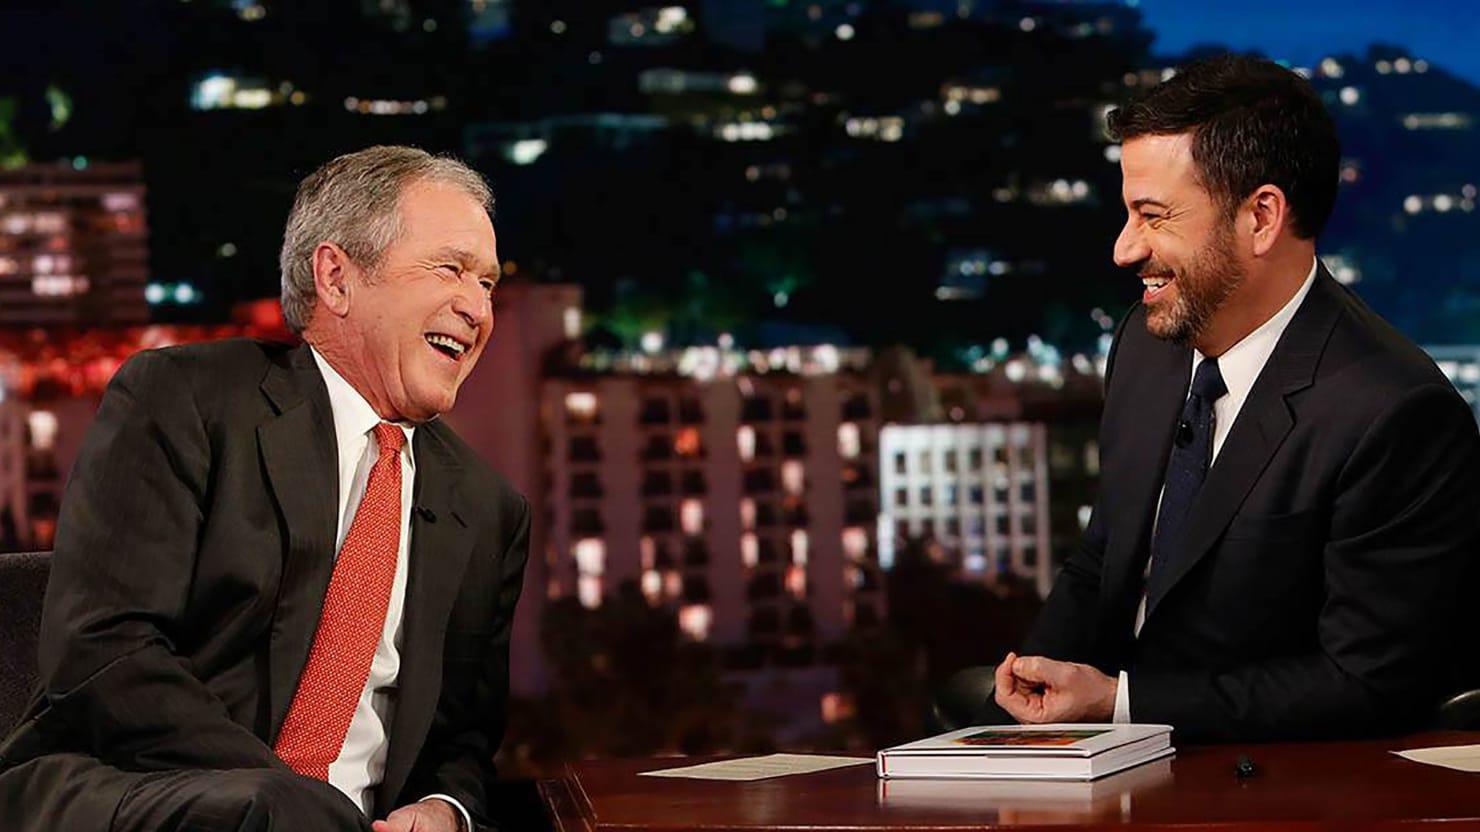 Jimmy Kimmel Fails To Press George W Bush On Trump